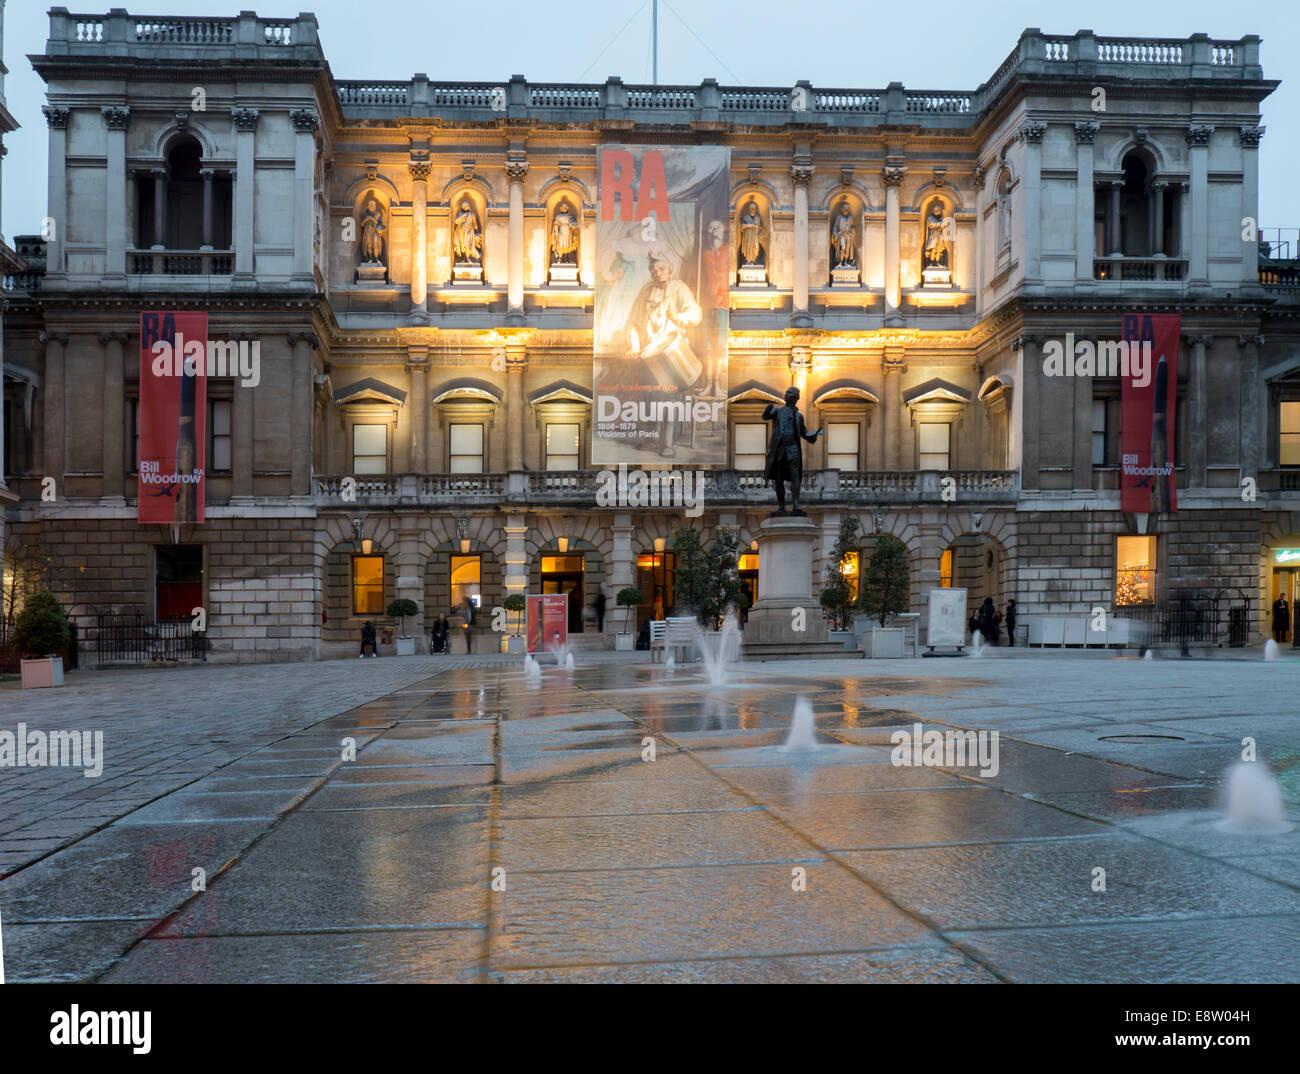 UK, England, London, Piccadilly Royal Academy - Stock Image